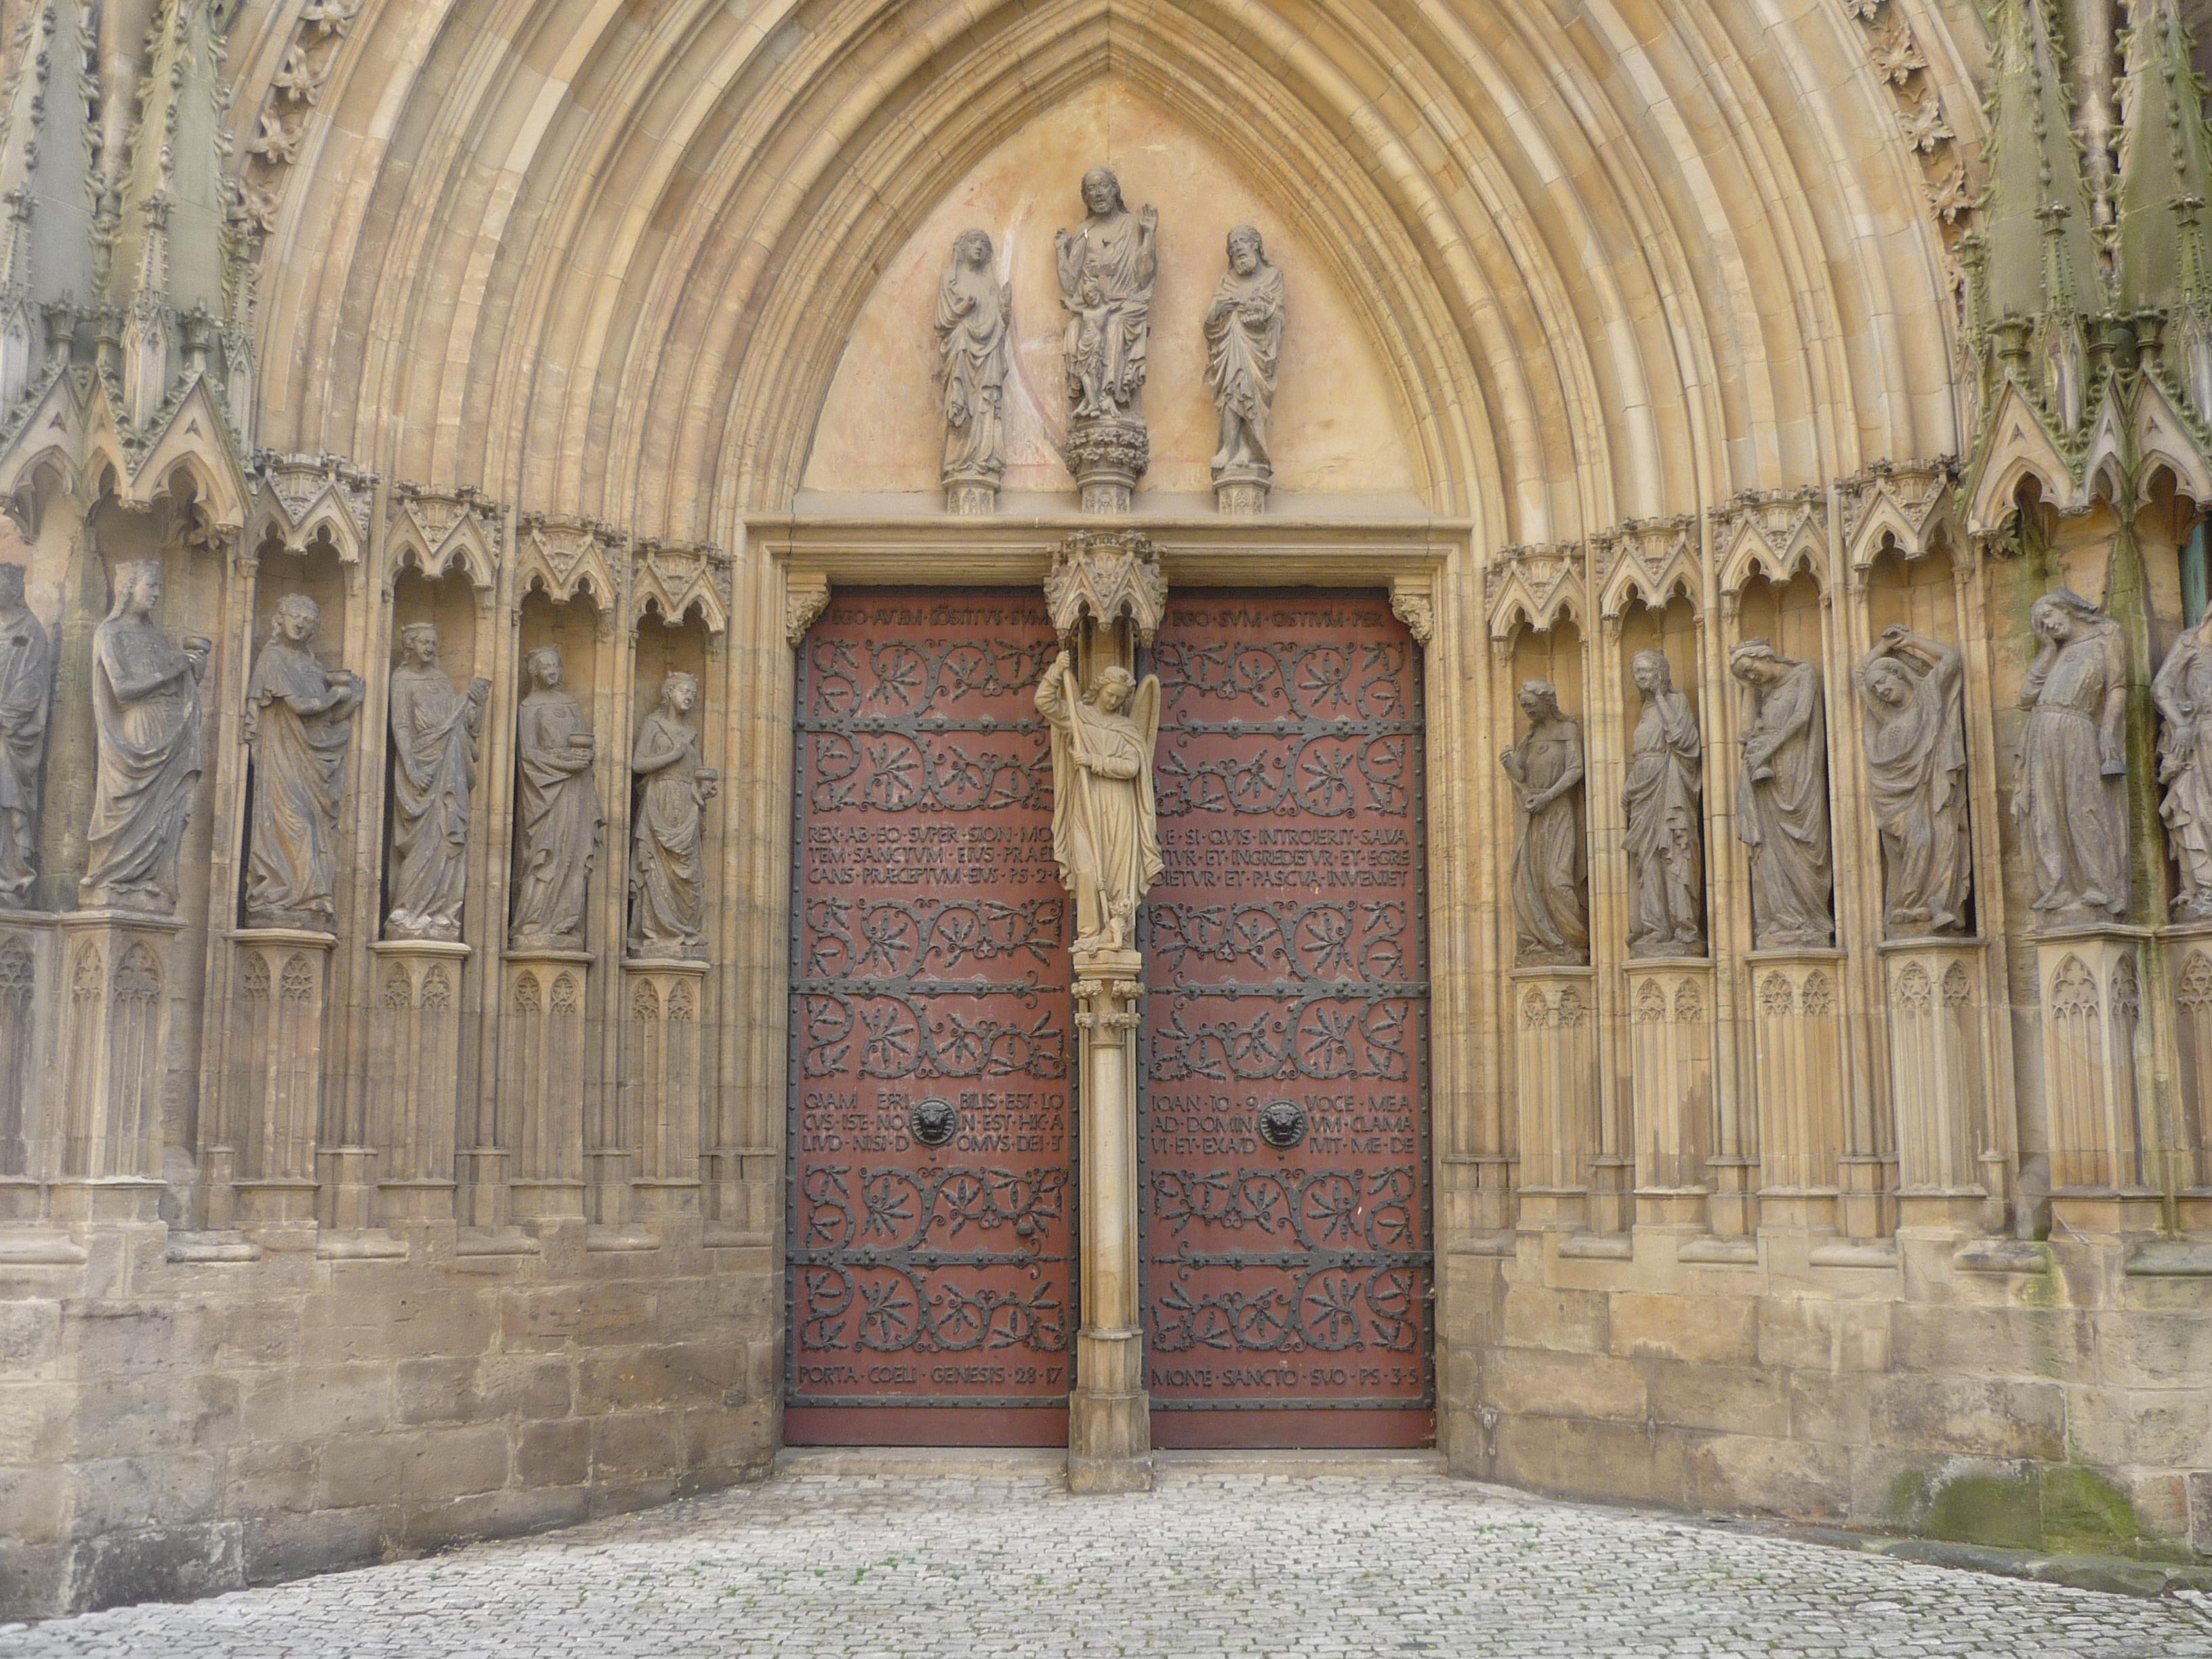 FileErfurt Cathedral Doors Full.JPG & File:Erfurt Cathedral Doors Full.JPG - Wikipedia